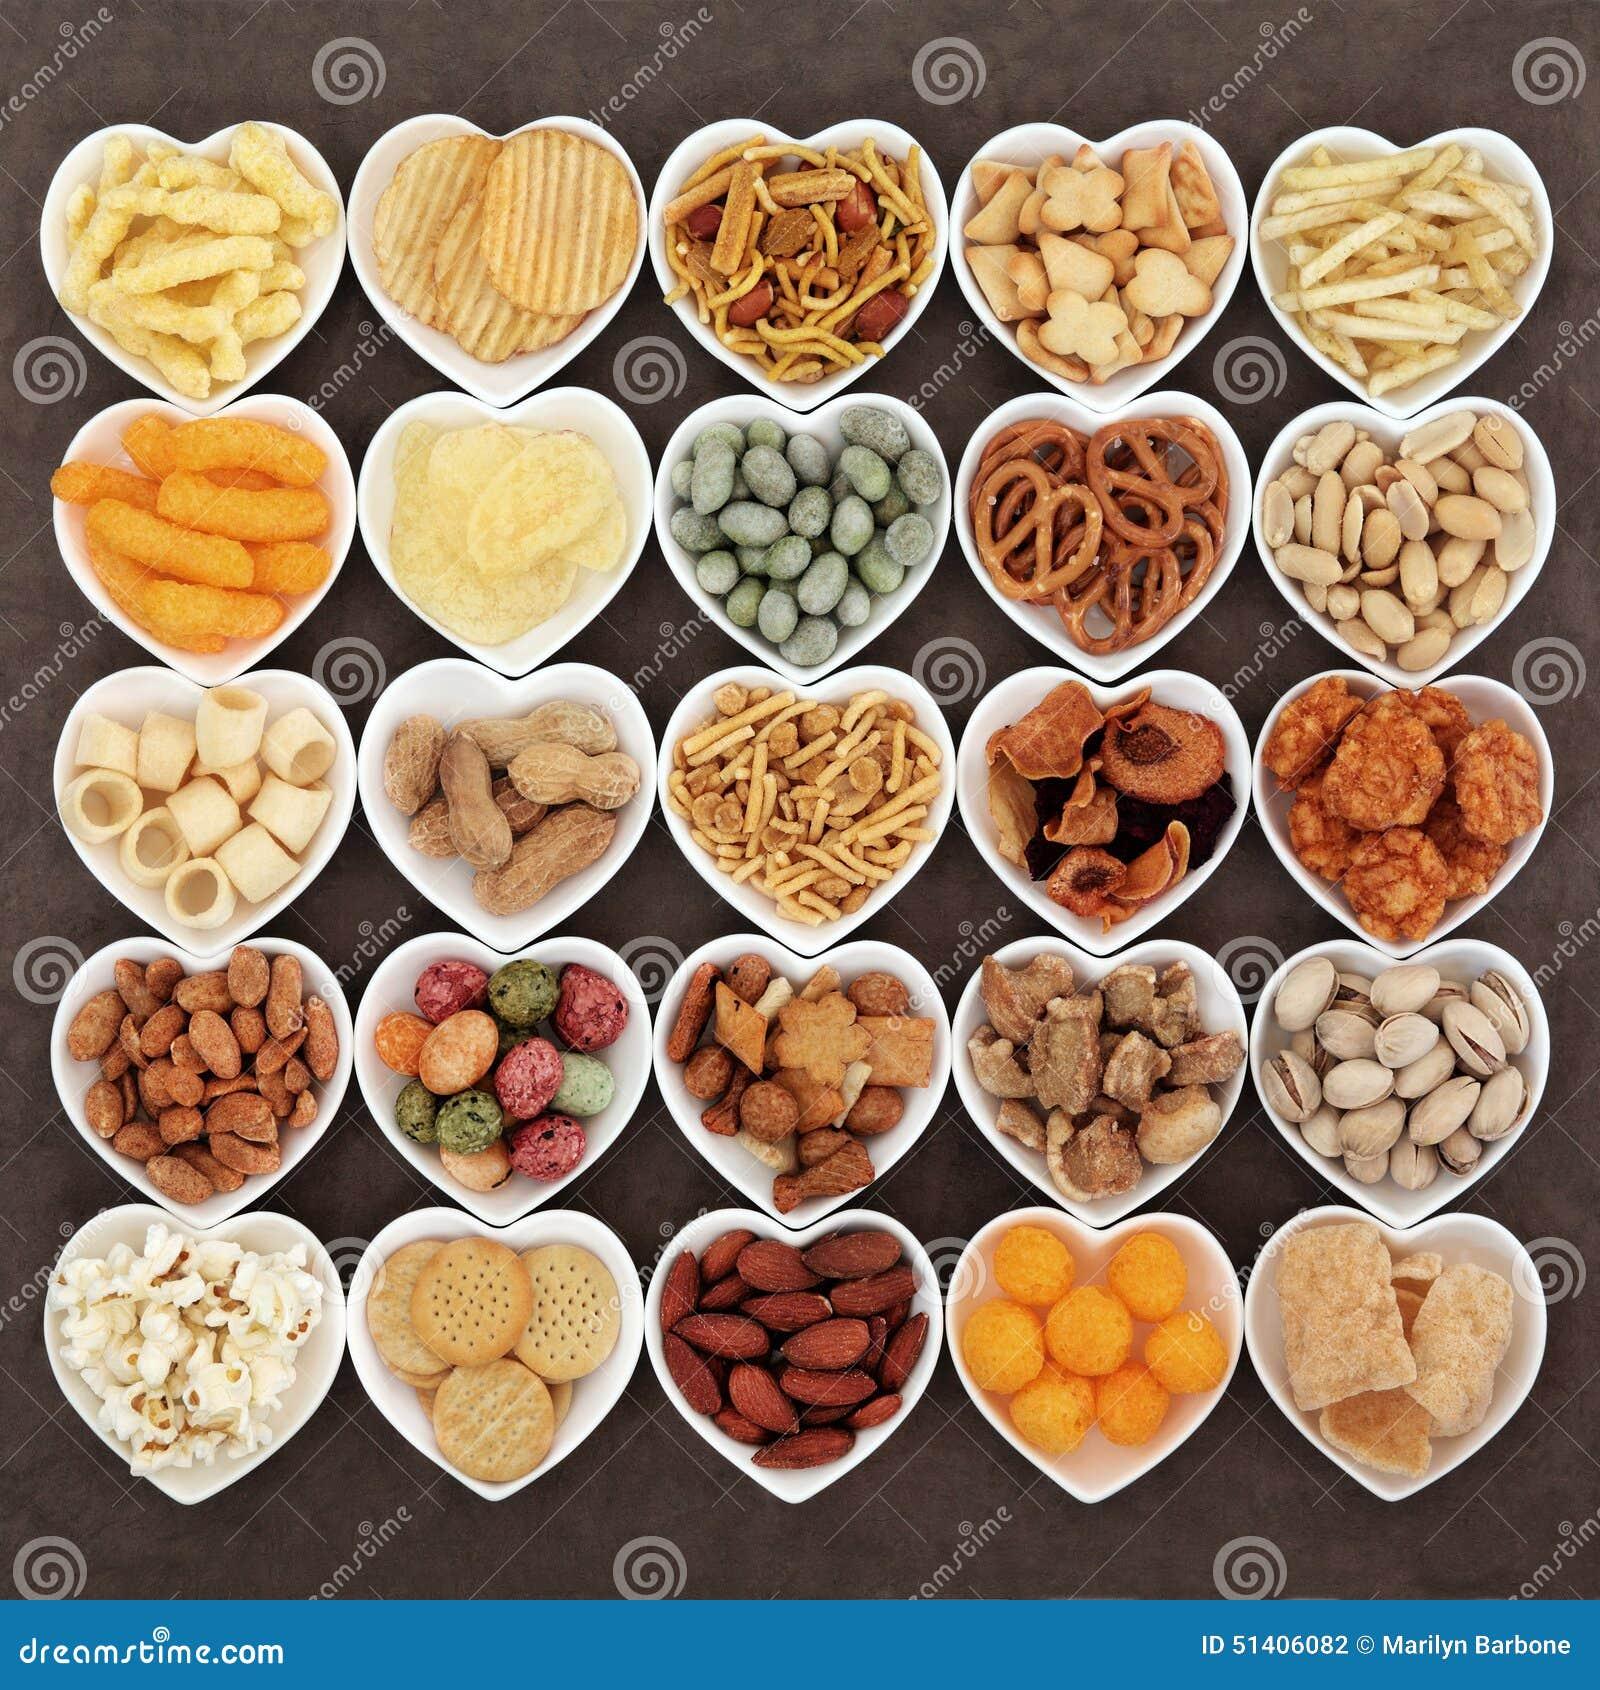 Savoury Snacks Stock Photo - Image: 51406082